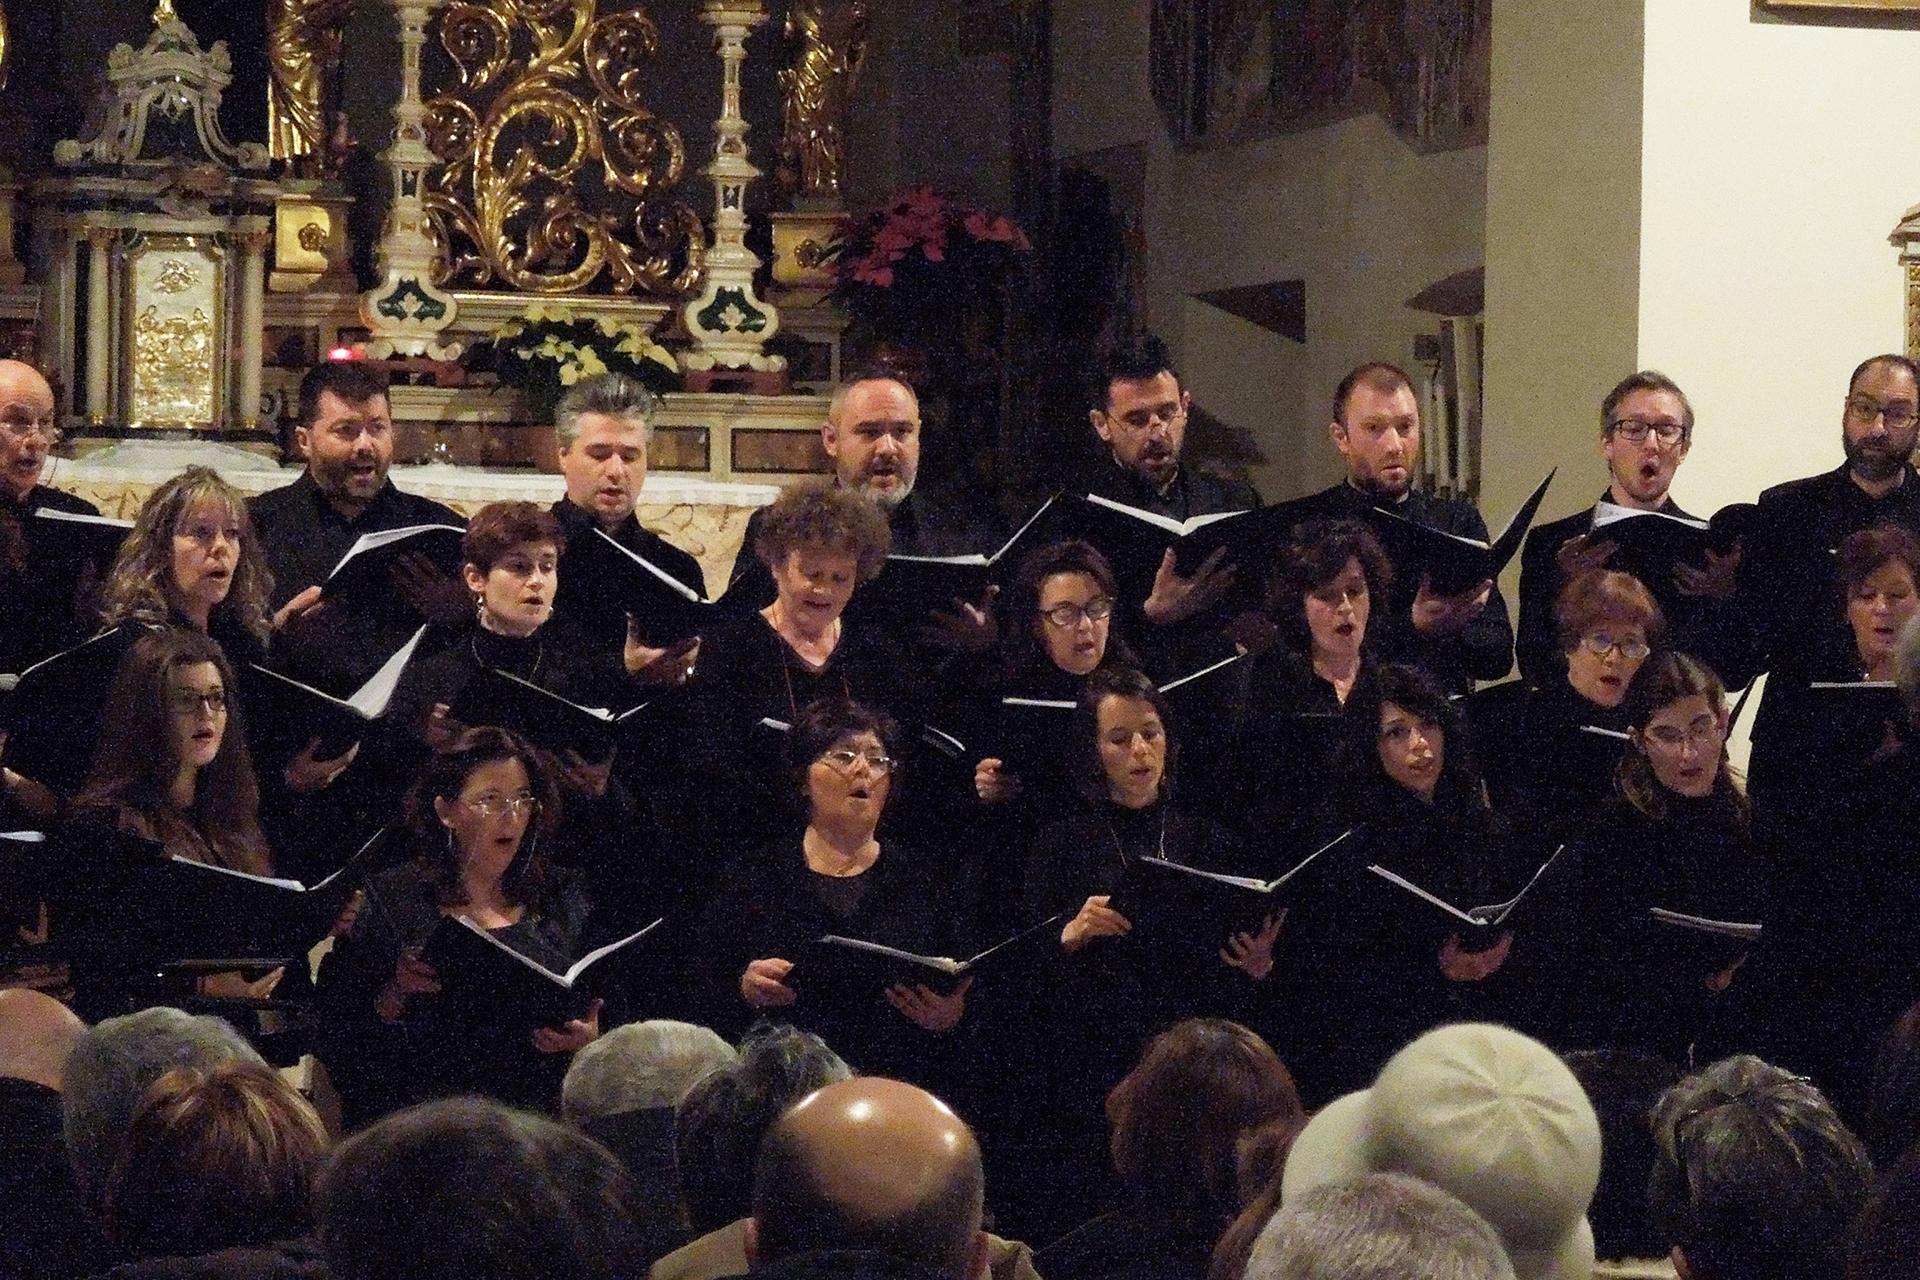 06.01.2017 - Concerto per l'Epifania (chiesa di Santa Maria della Scala, Verona)